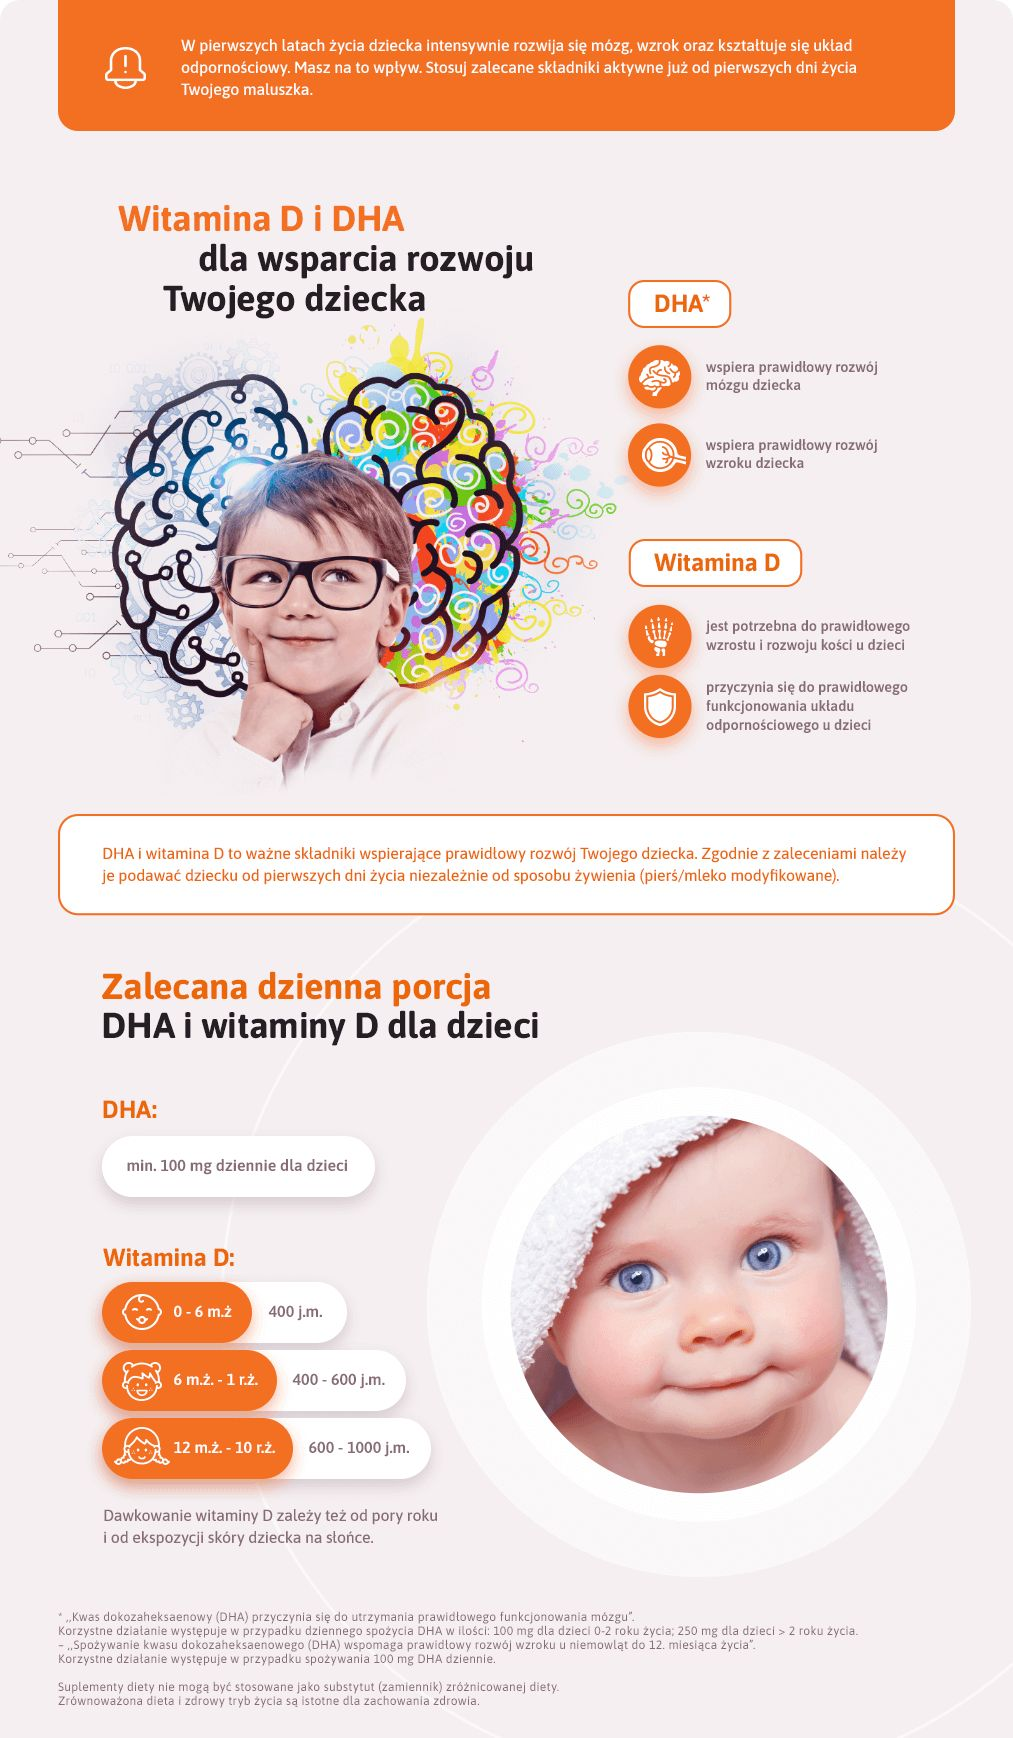 infografika o zaletach witaminy d i dha